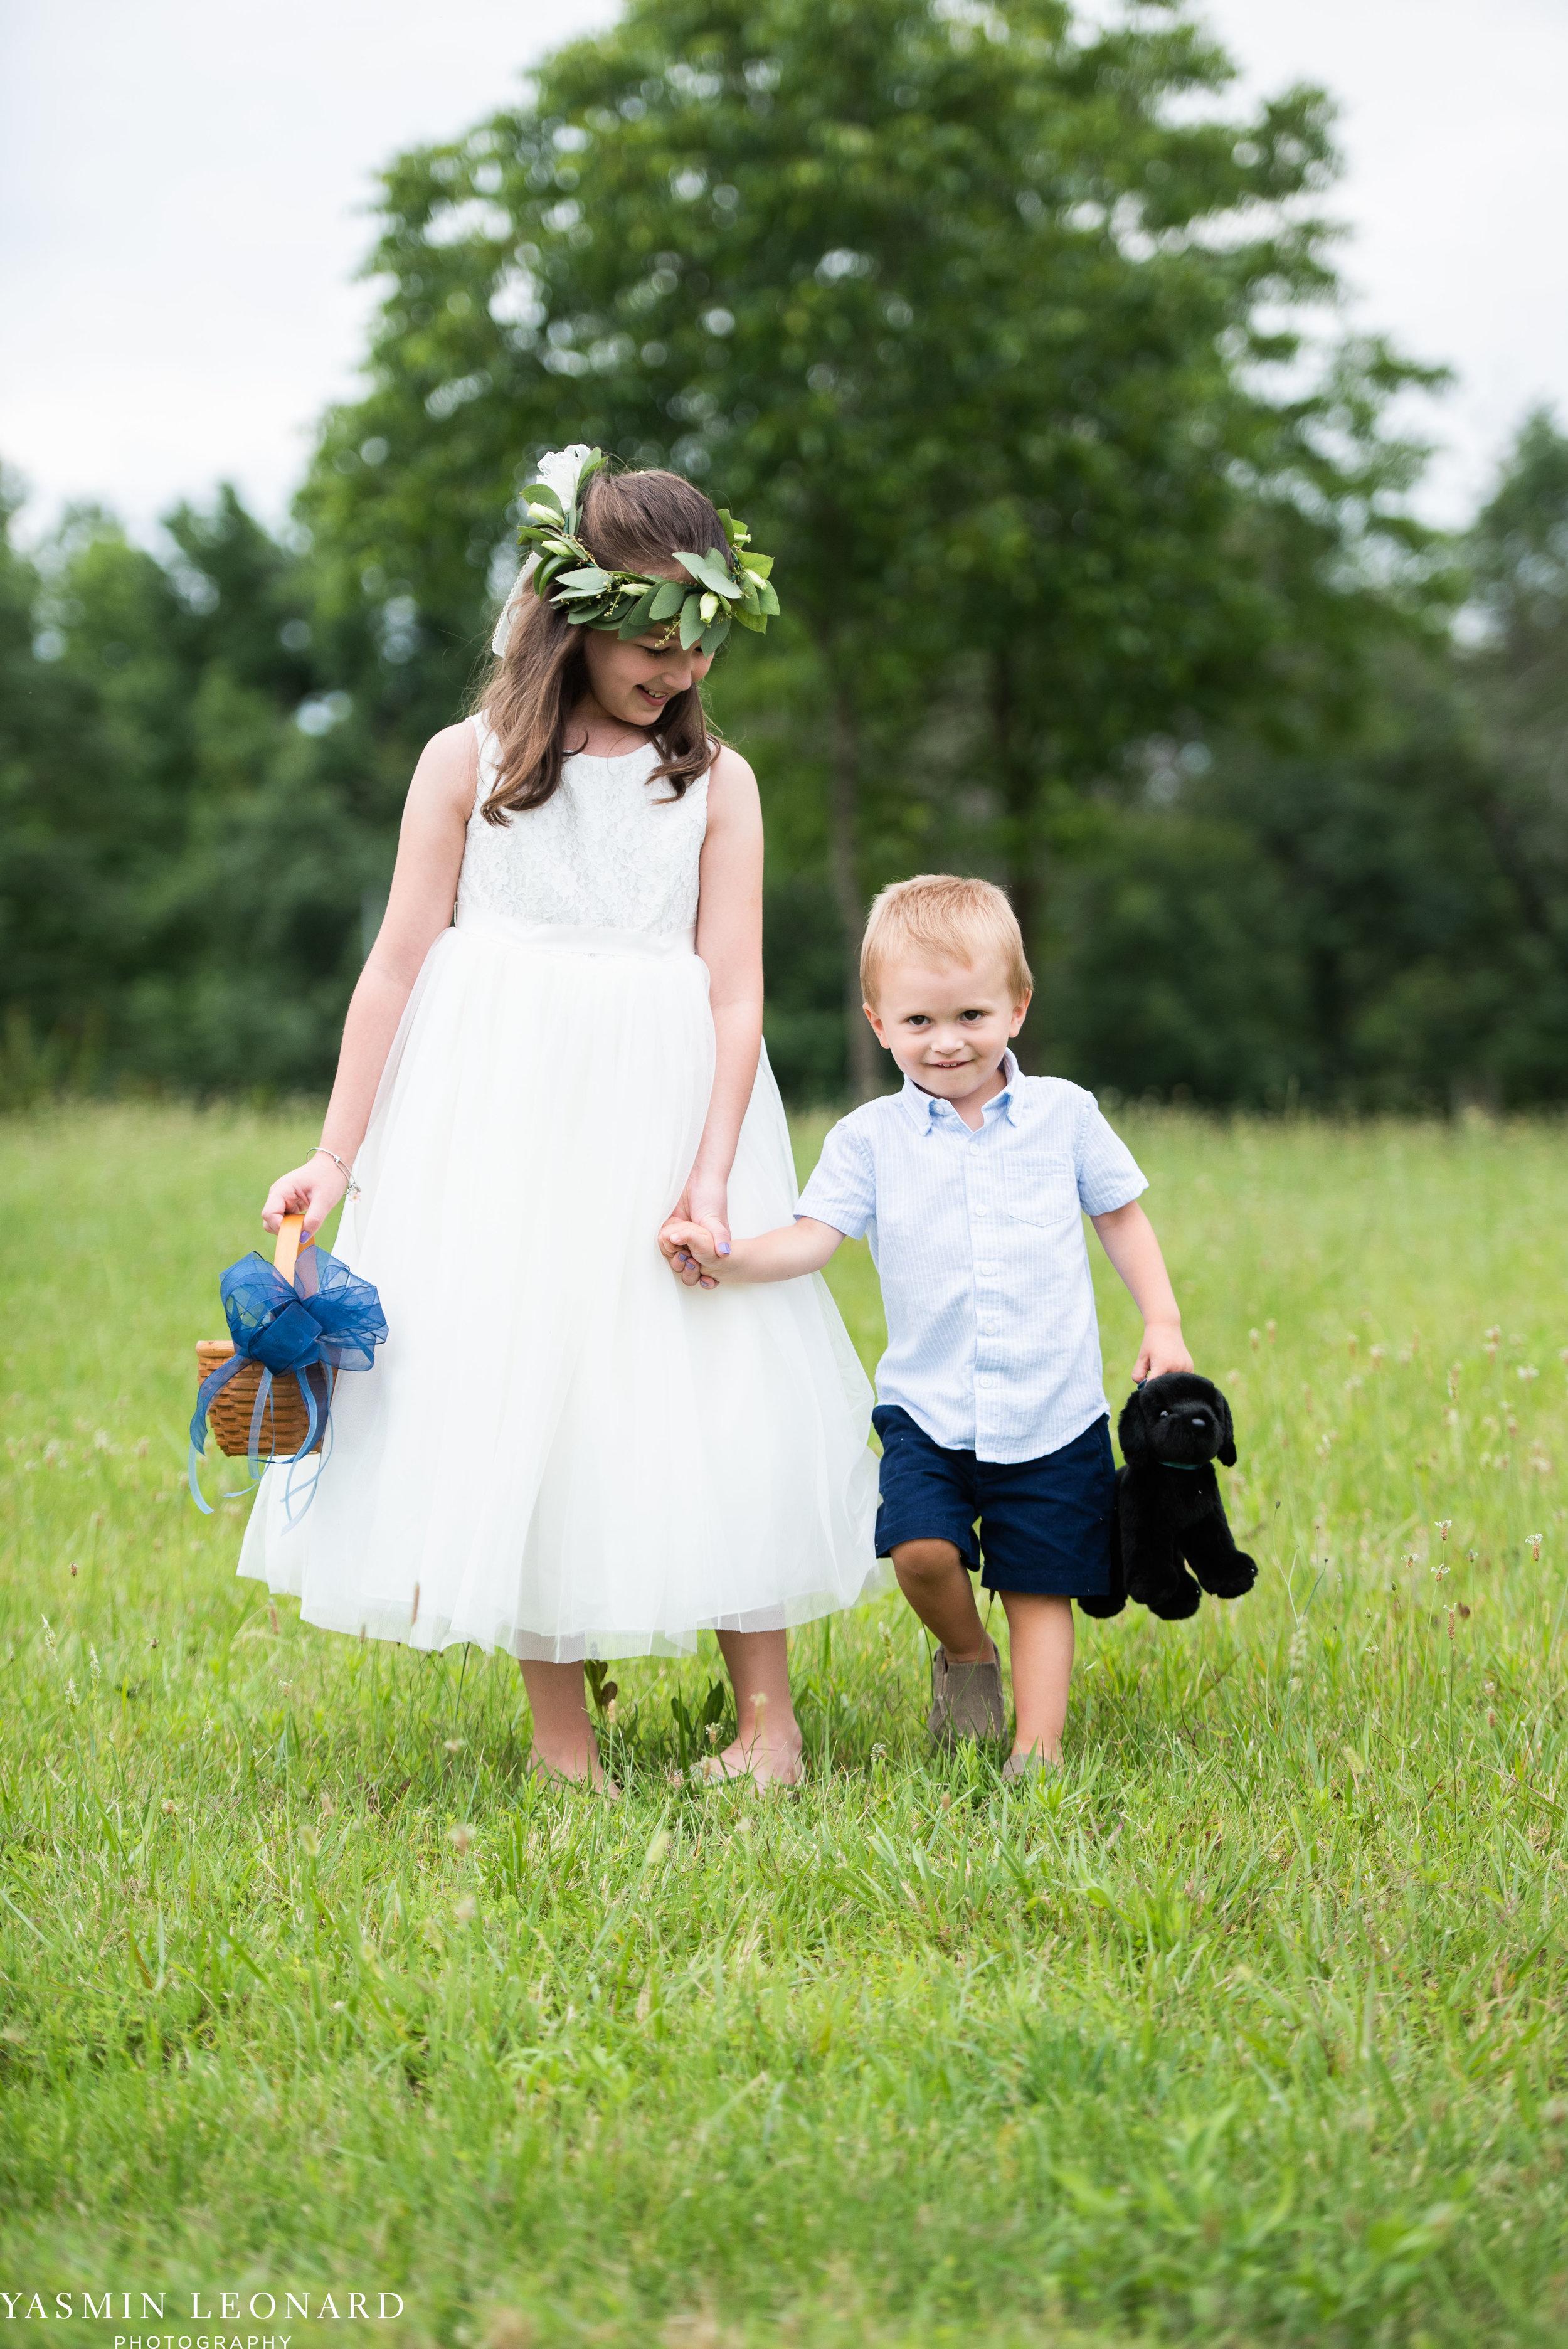 Mt. Pleasant Church - Church Wedding - Traditional Wedding - Church Ceremony - Country Wedding - Godly Wedding - NC Wedding Photographer - High Point Weddings - Triad Weddings - NC Venues-18.jpg